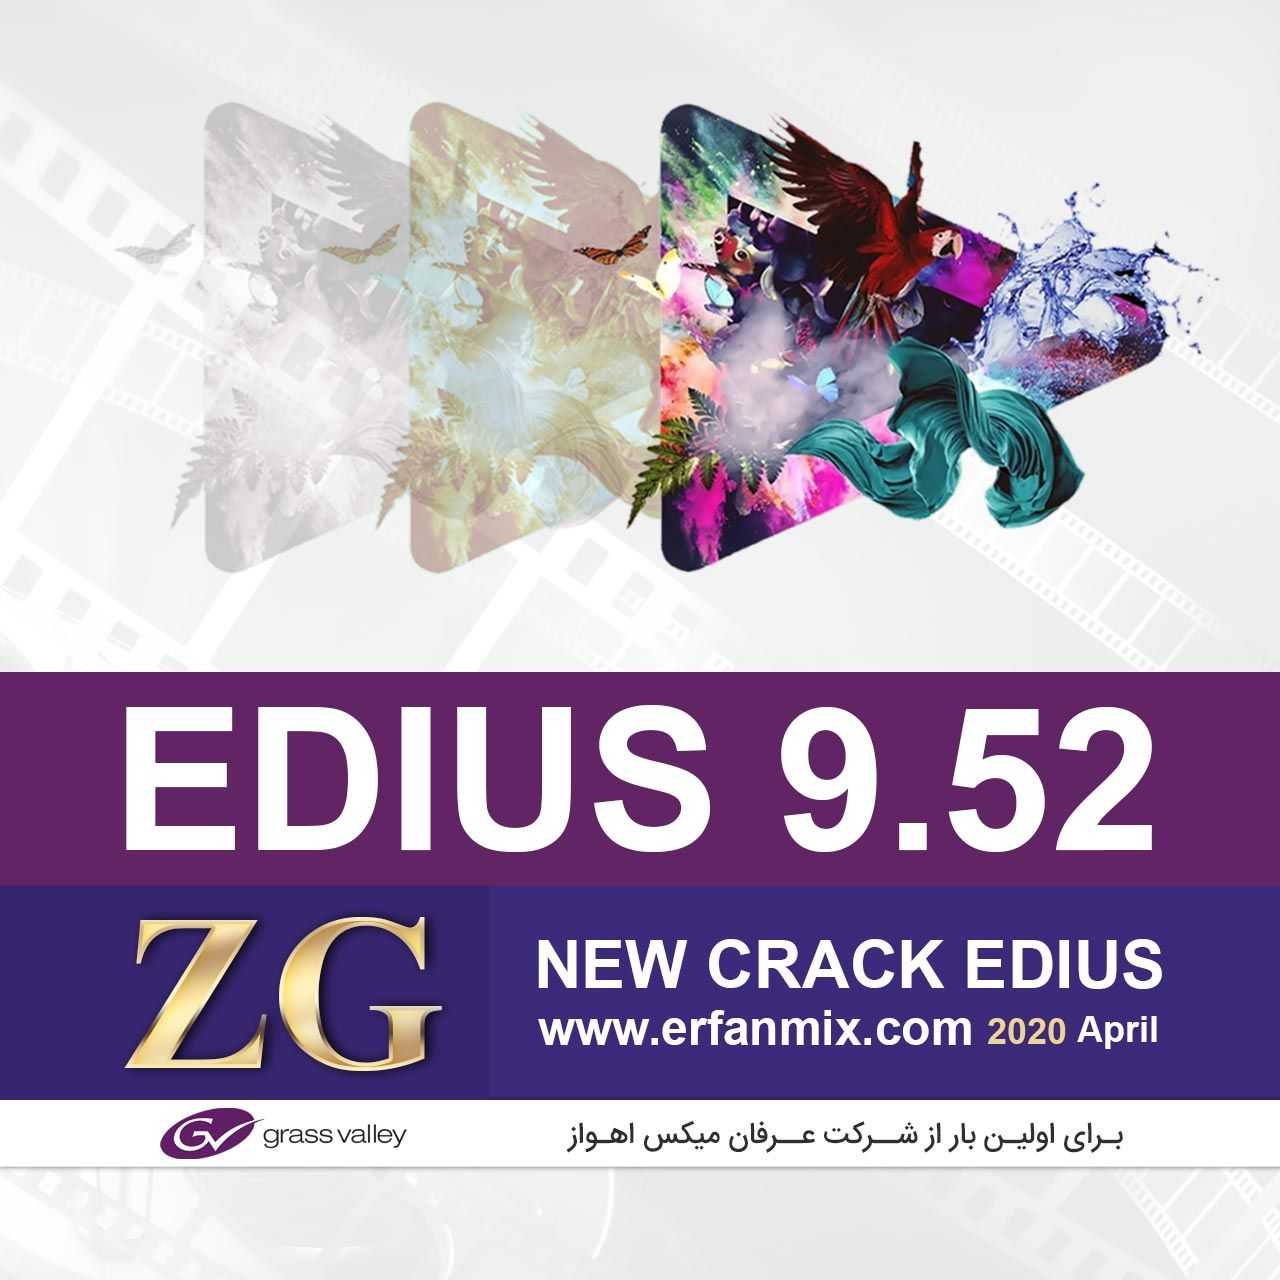 کرک جدید ادیوس 9.52 نسخه ZG